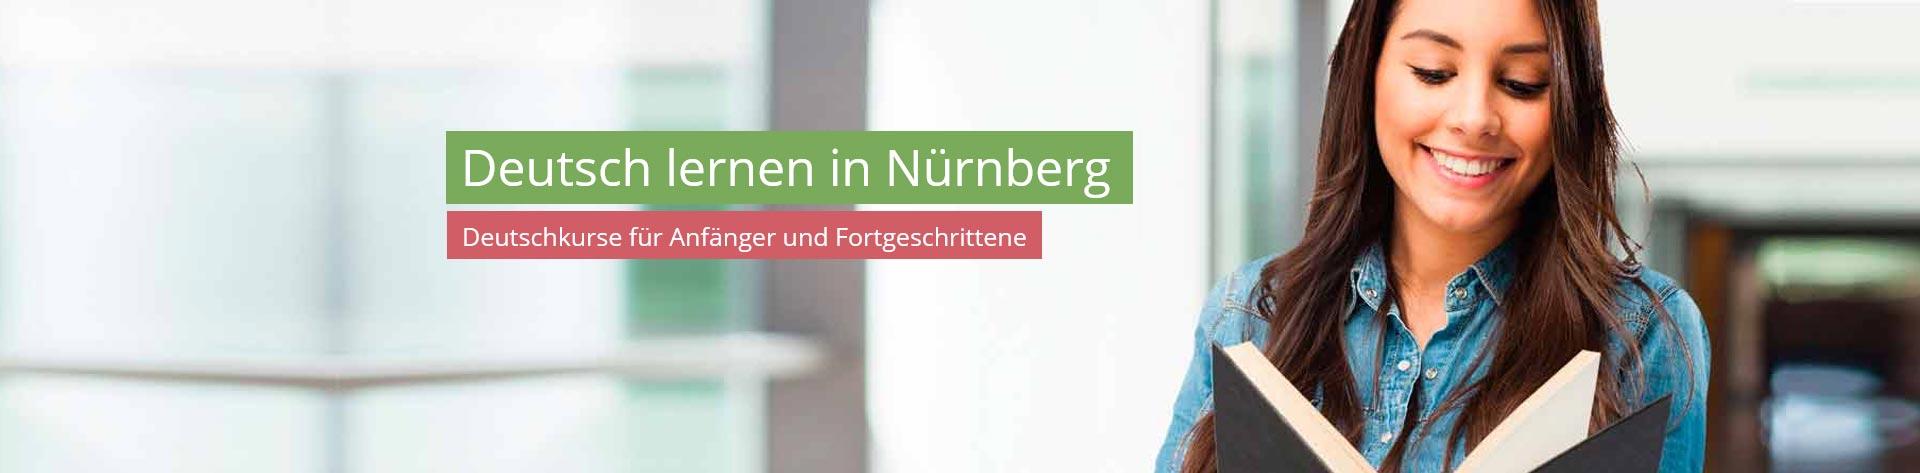 Sprachkurse für Deutsch und Fremdsprachen in Nürnberg